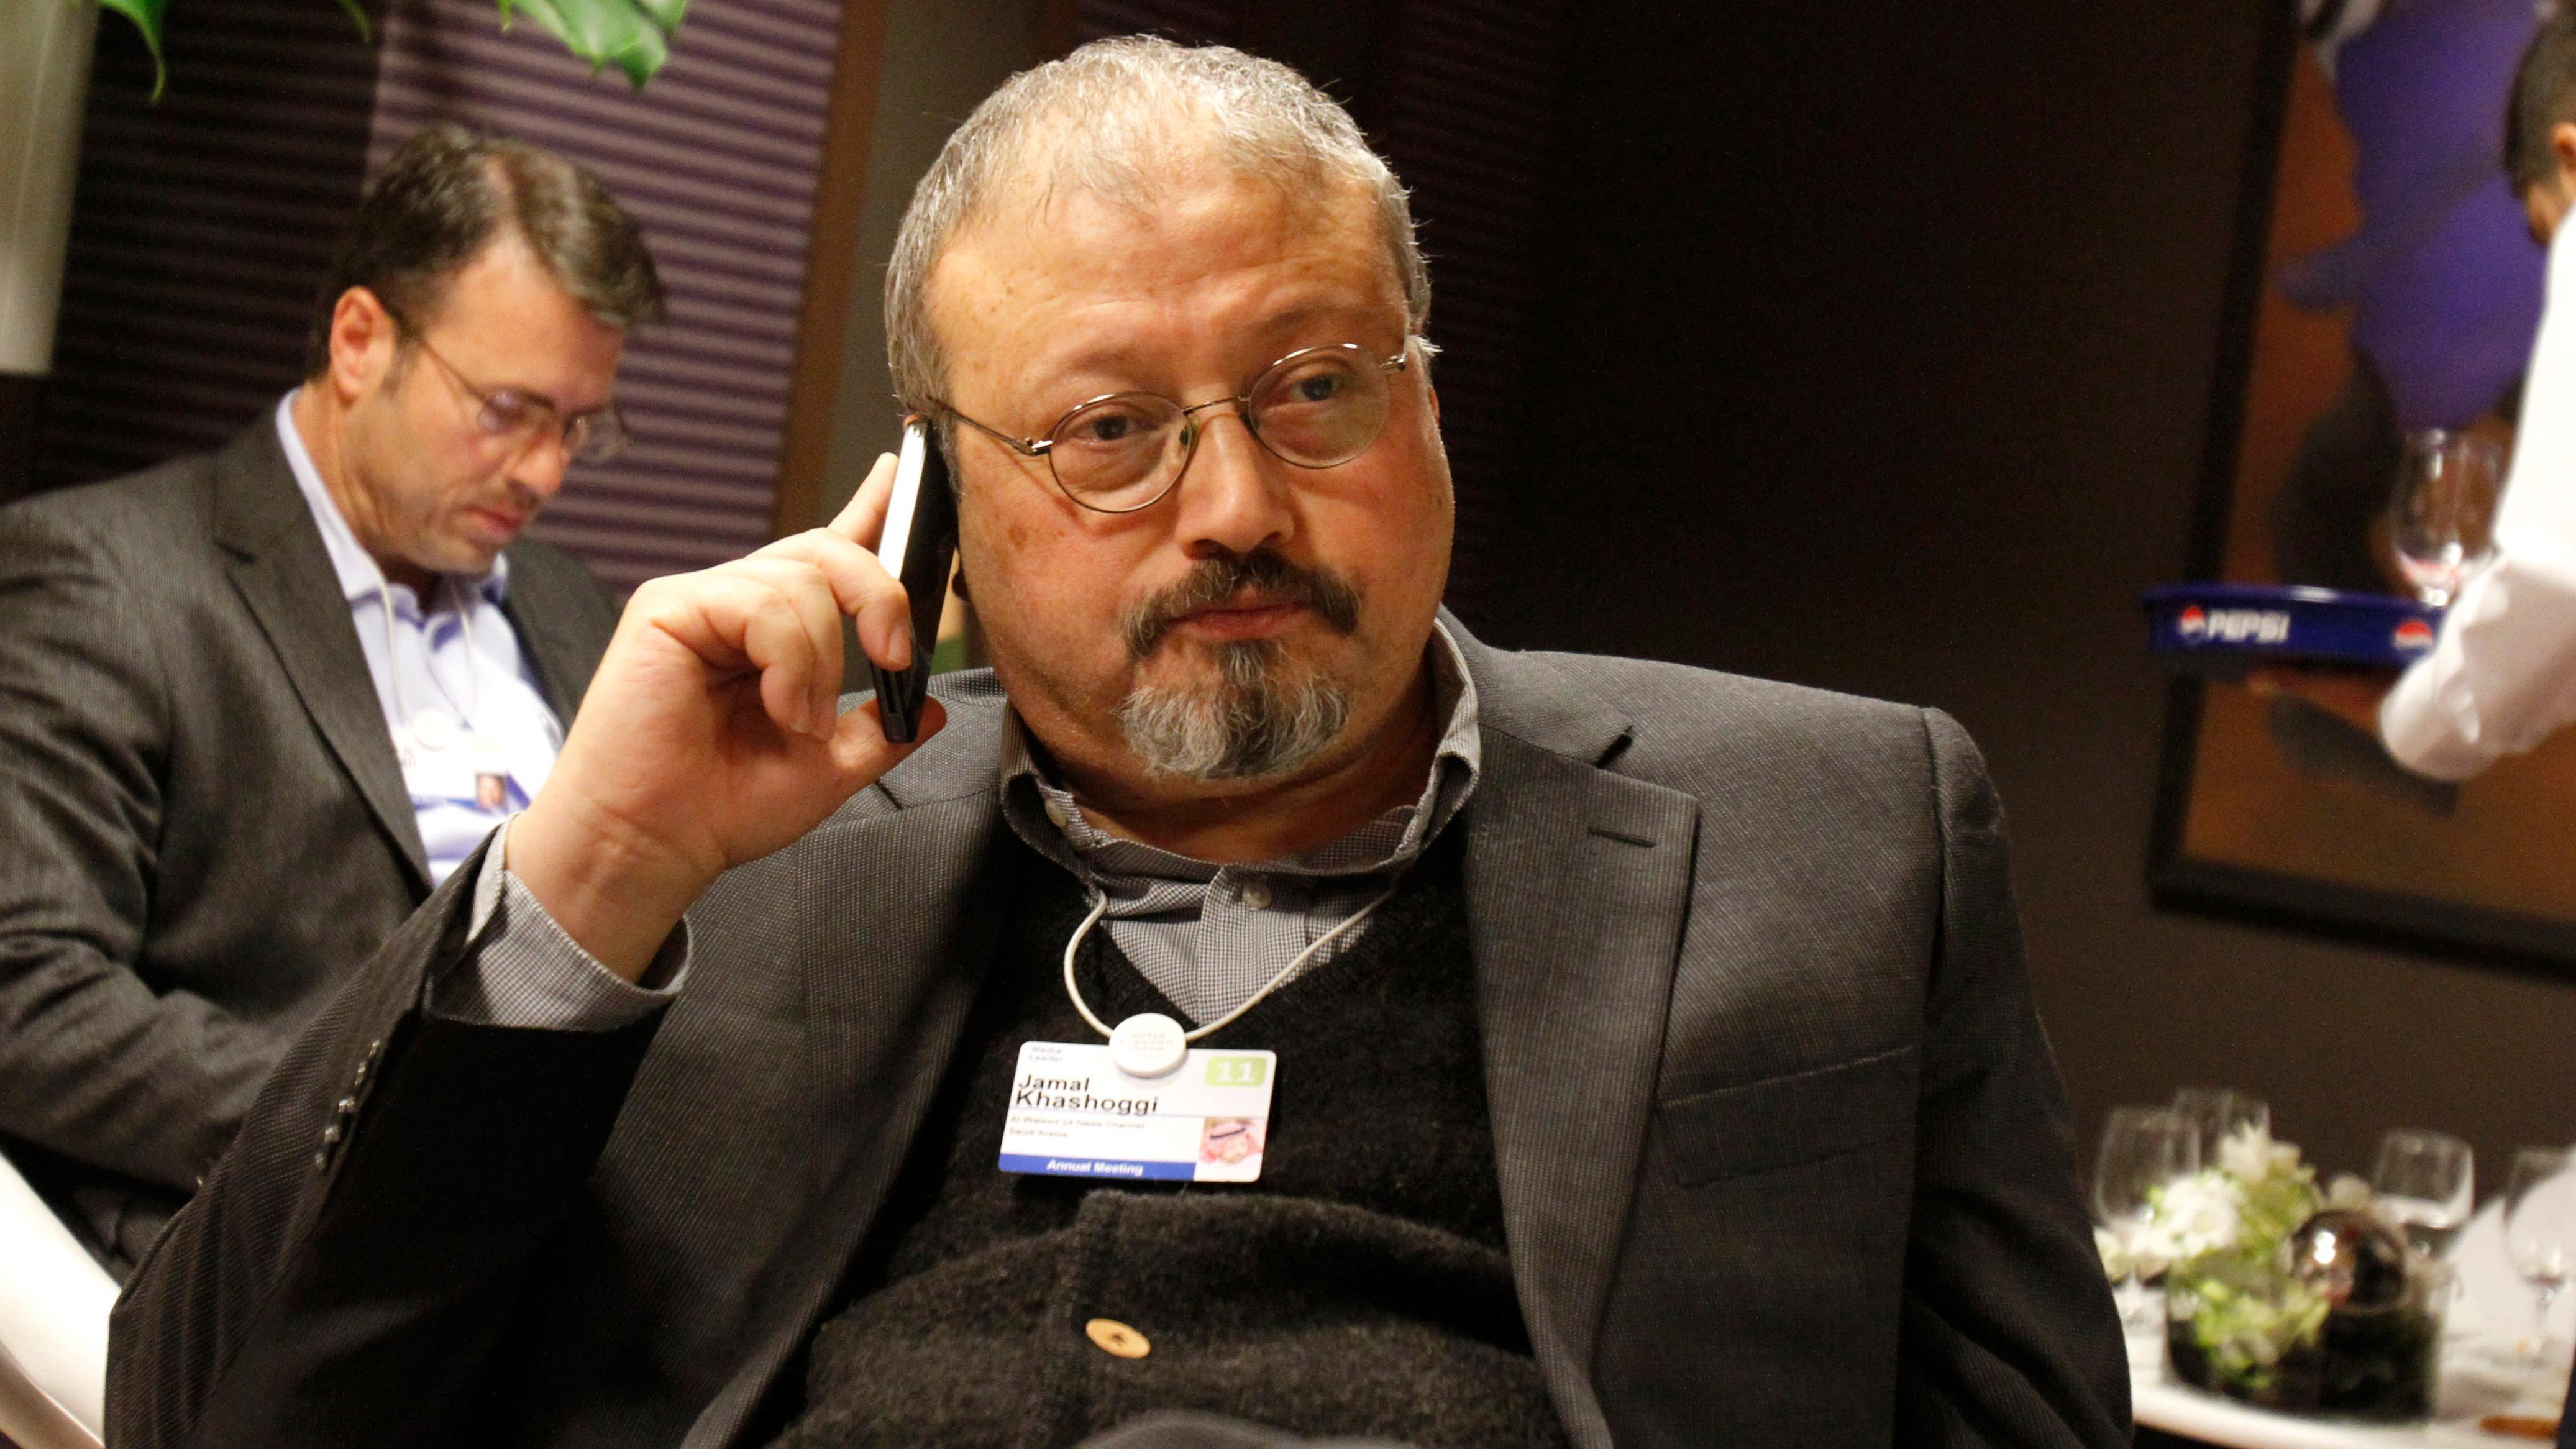 unian.ua Вбивство журналіста Хашкоджі  з явилася важлива деталь у  розслідуванні - 24 Канал 1da1570a3e639